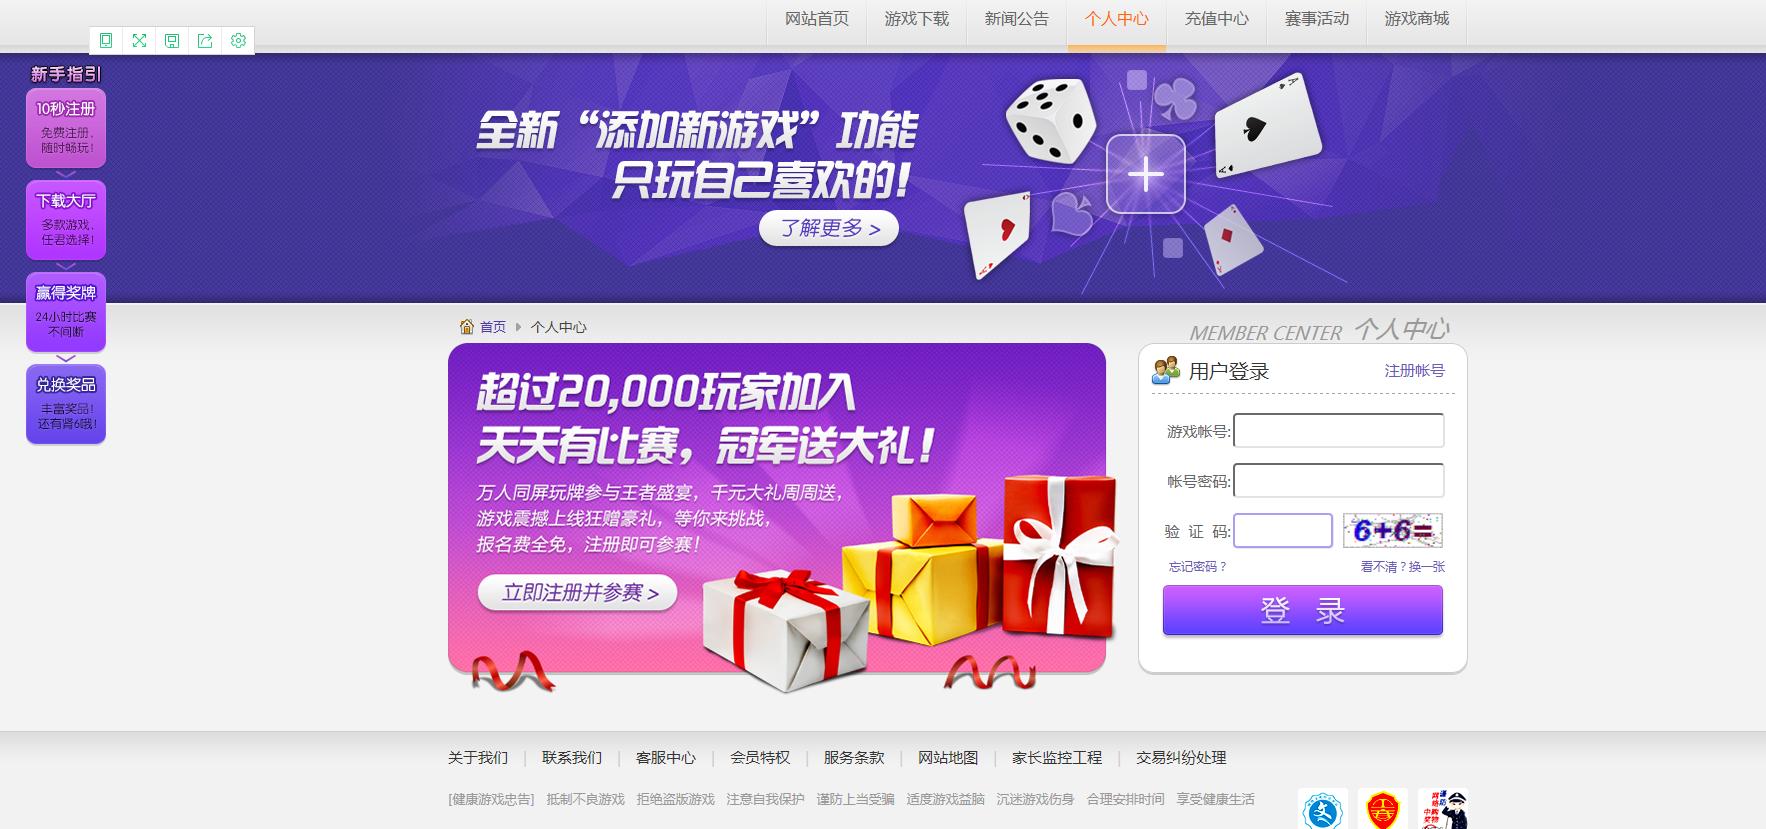 网狐荣耀二开鑫众王者金币场+房卡模式场完整版-第12张